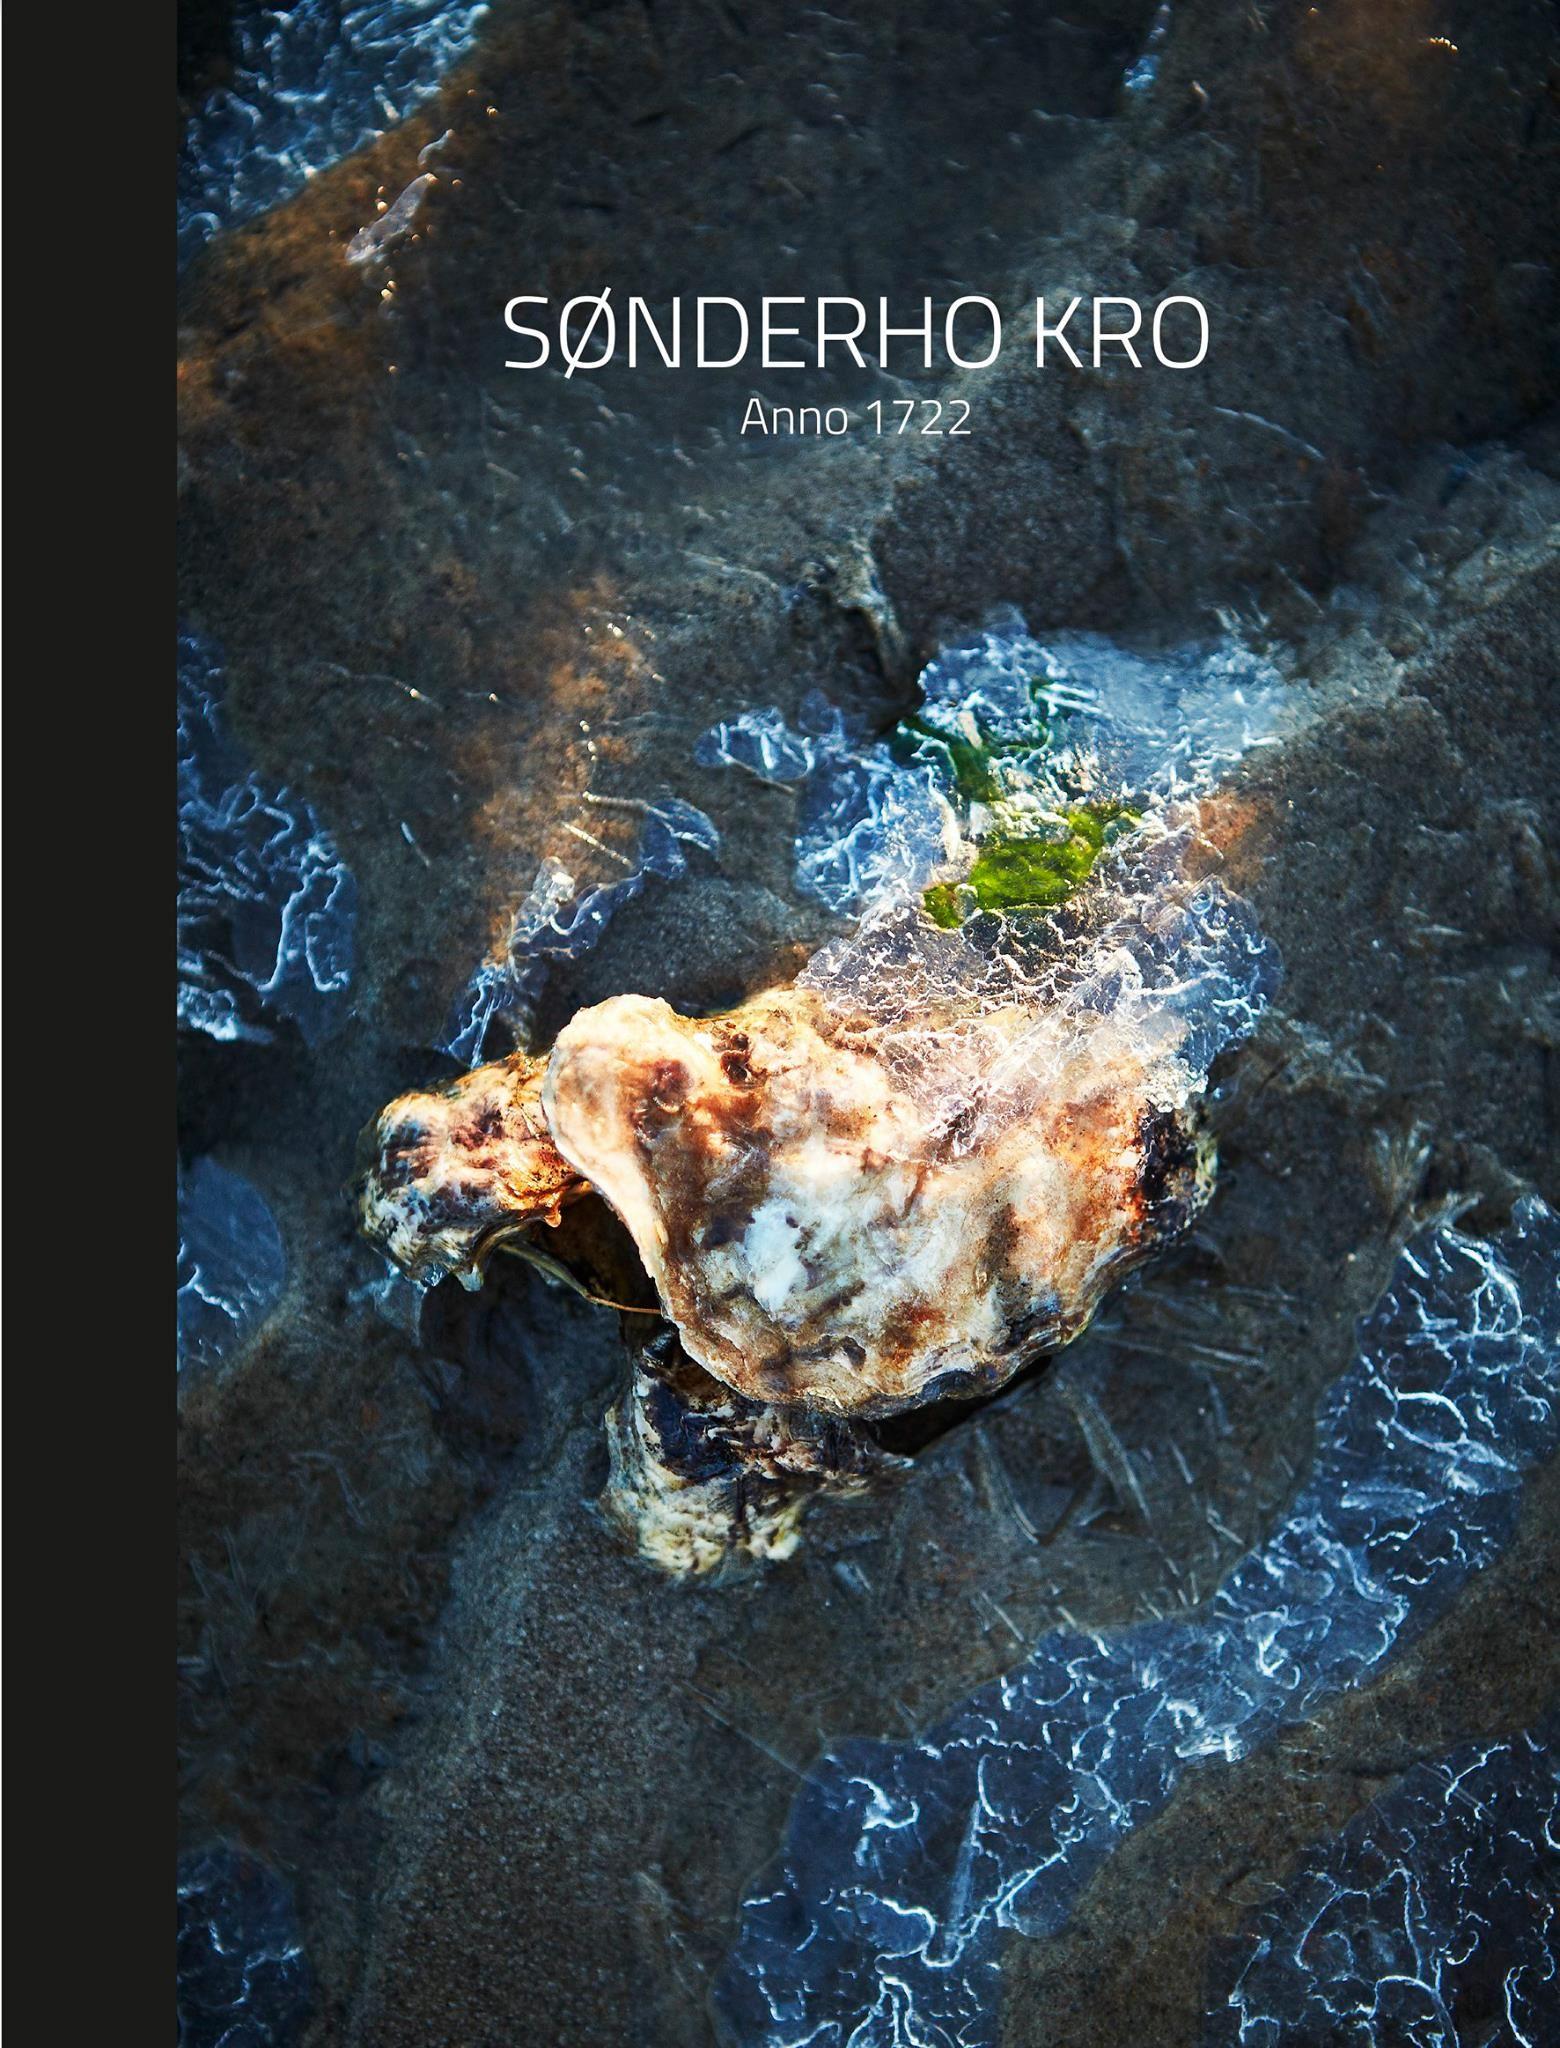 Sønderho Kro